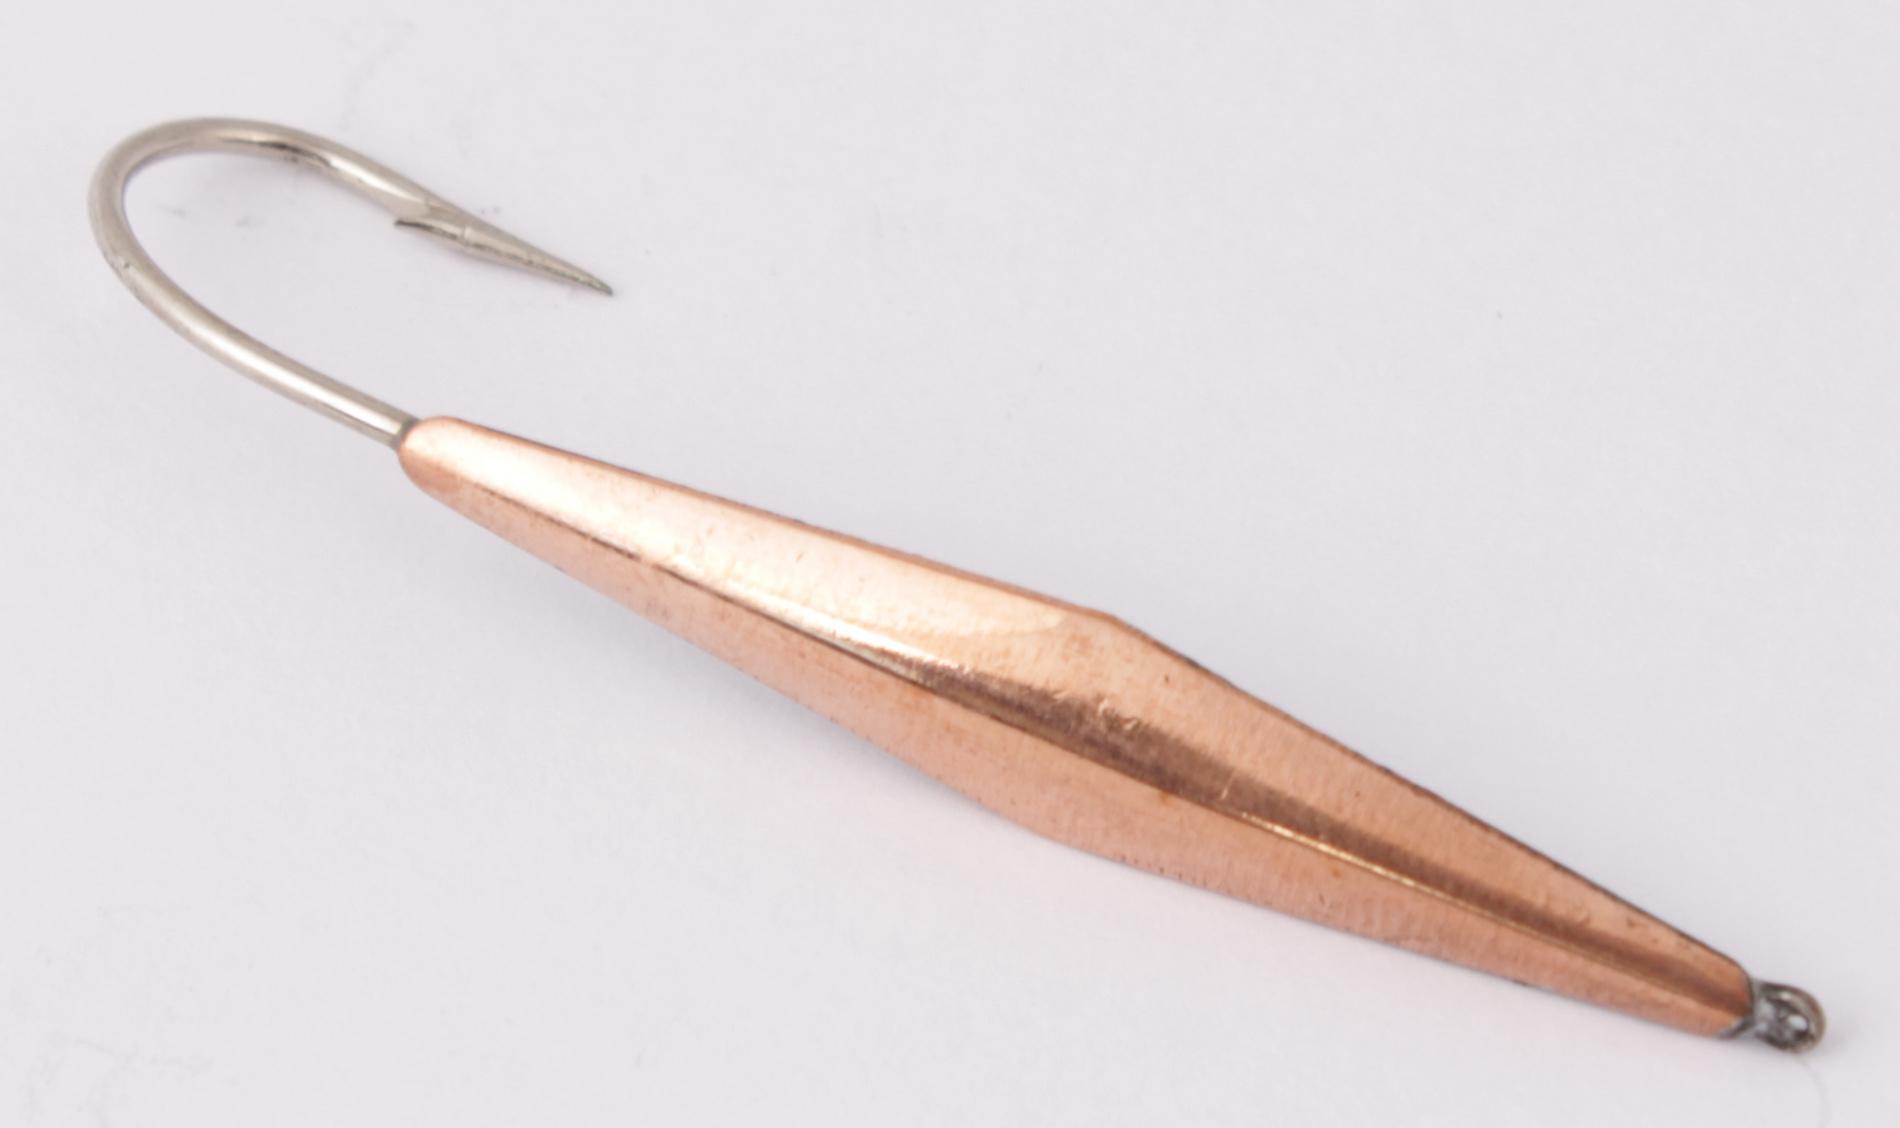 Блесна зимняя DIXXON-RUS Охта (медь) (3гр) (3шт) Блесны зимние<br>Блесна для отвесного блеснения рыбы. Оснащена <br>впаянным одинарником. Вес - 3 г Цвет - медь<br>